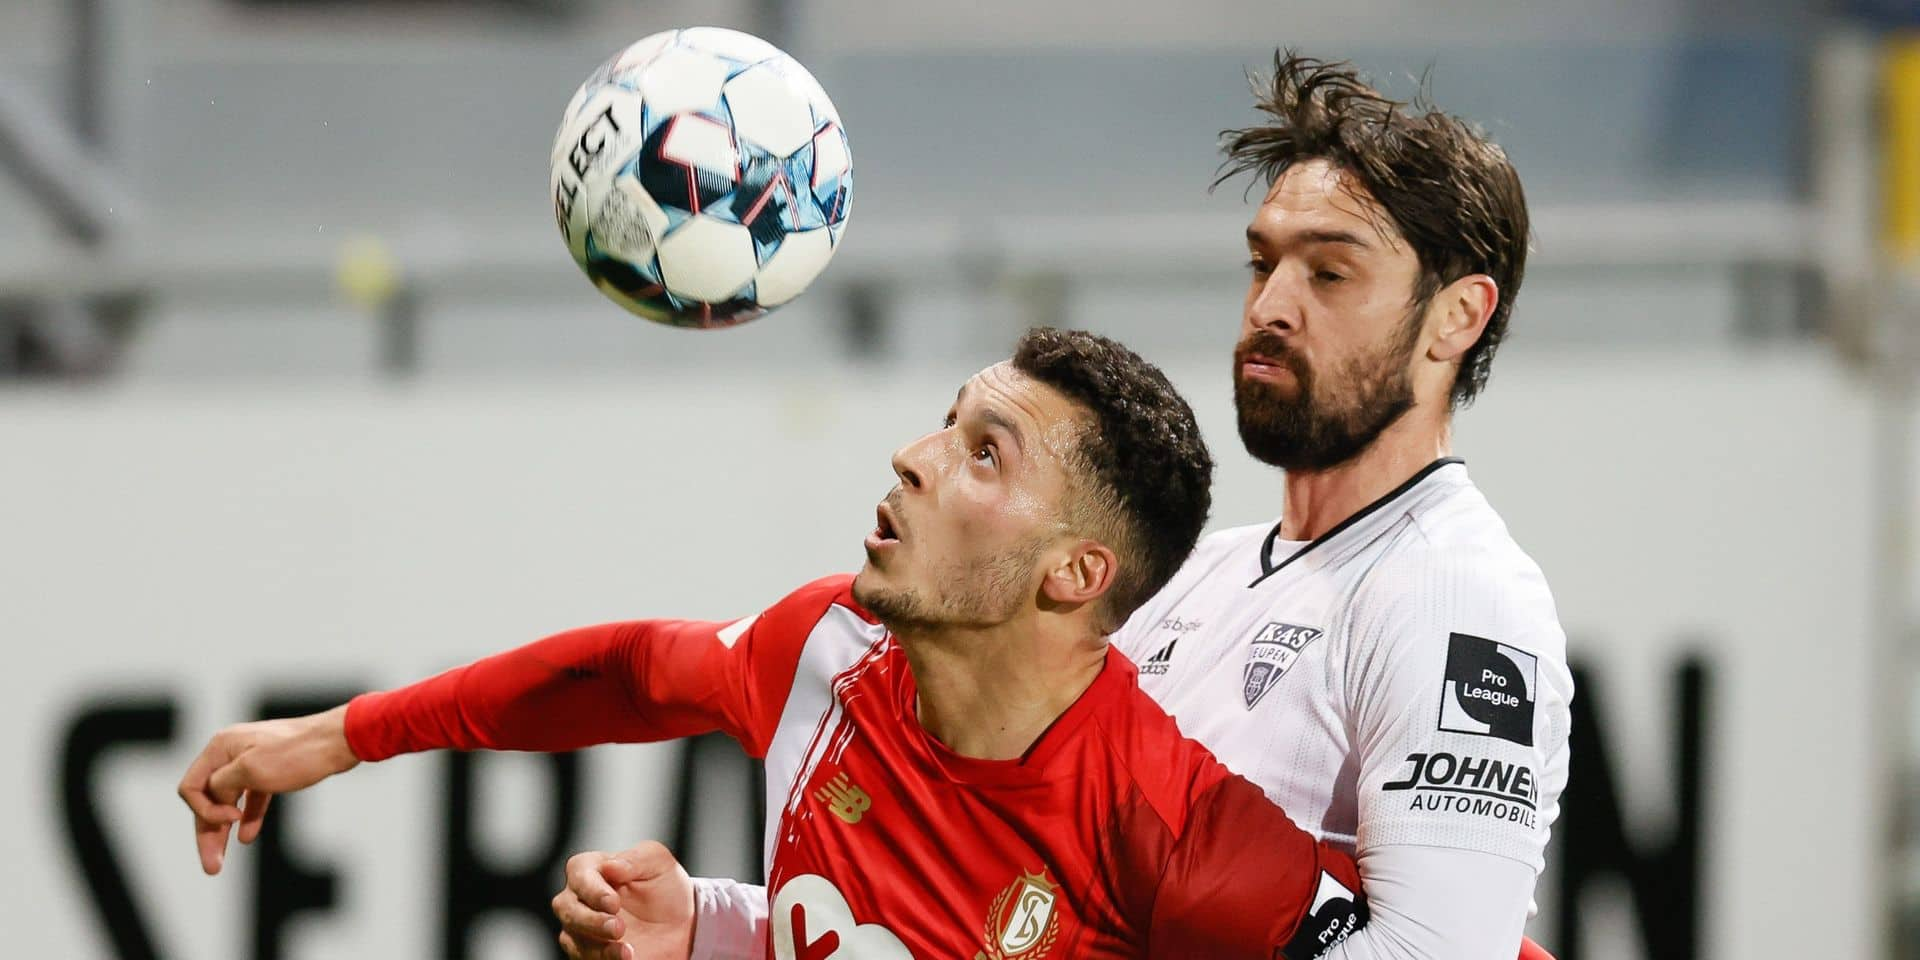 """Selim Amallah cherche la perfection: """"Je ne suis pas content de mon match"""""""